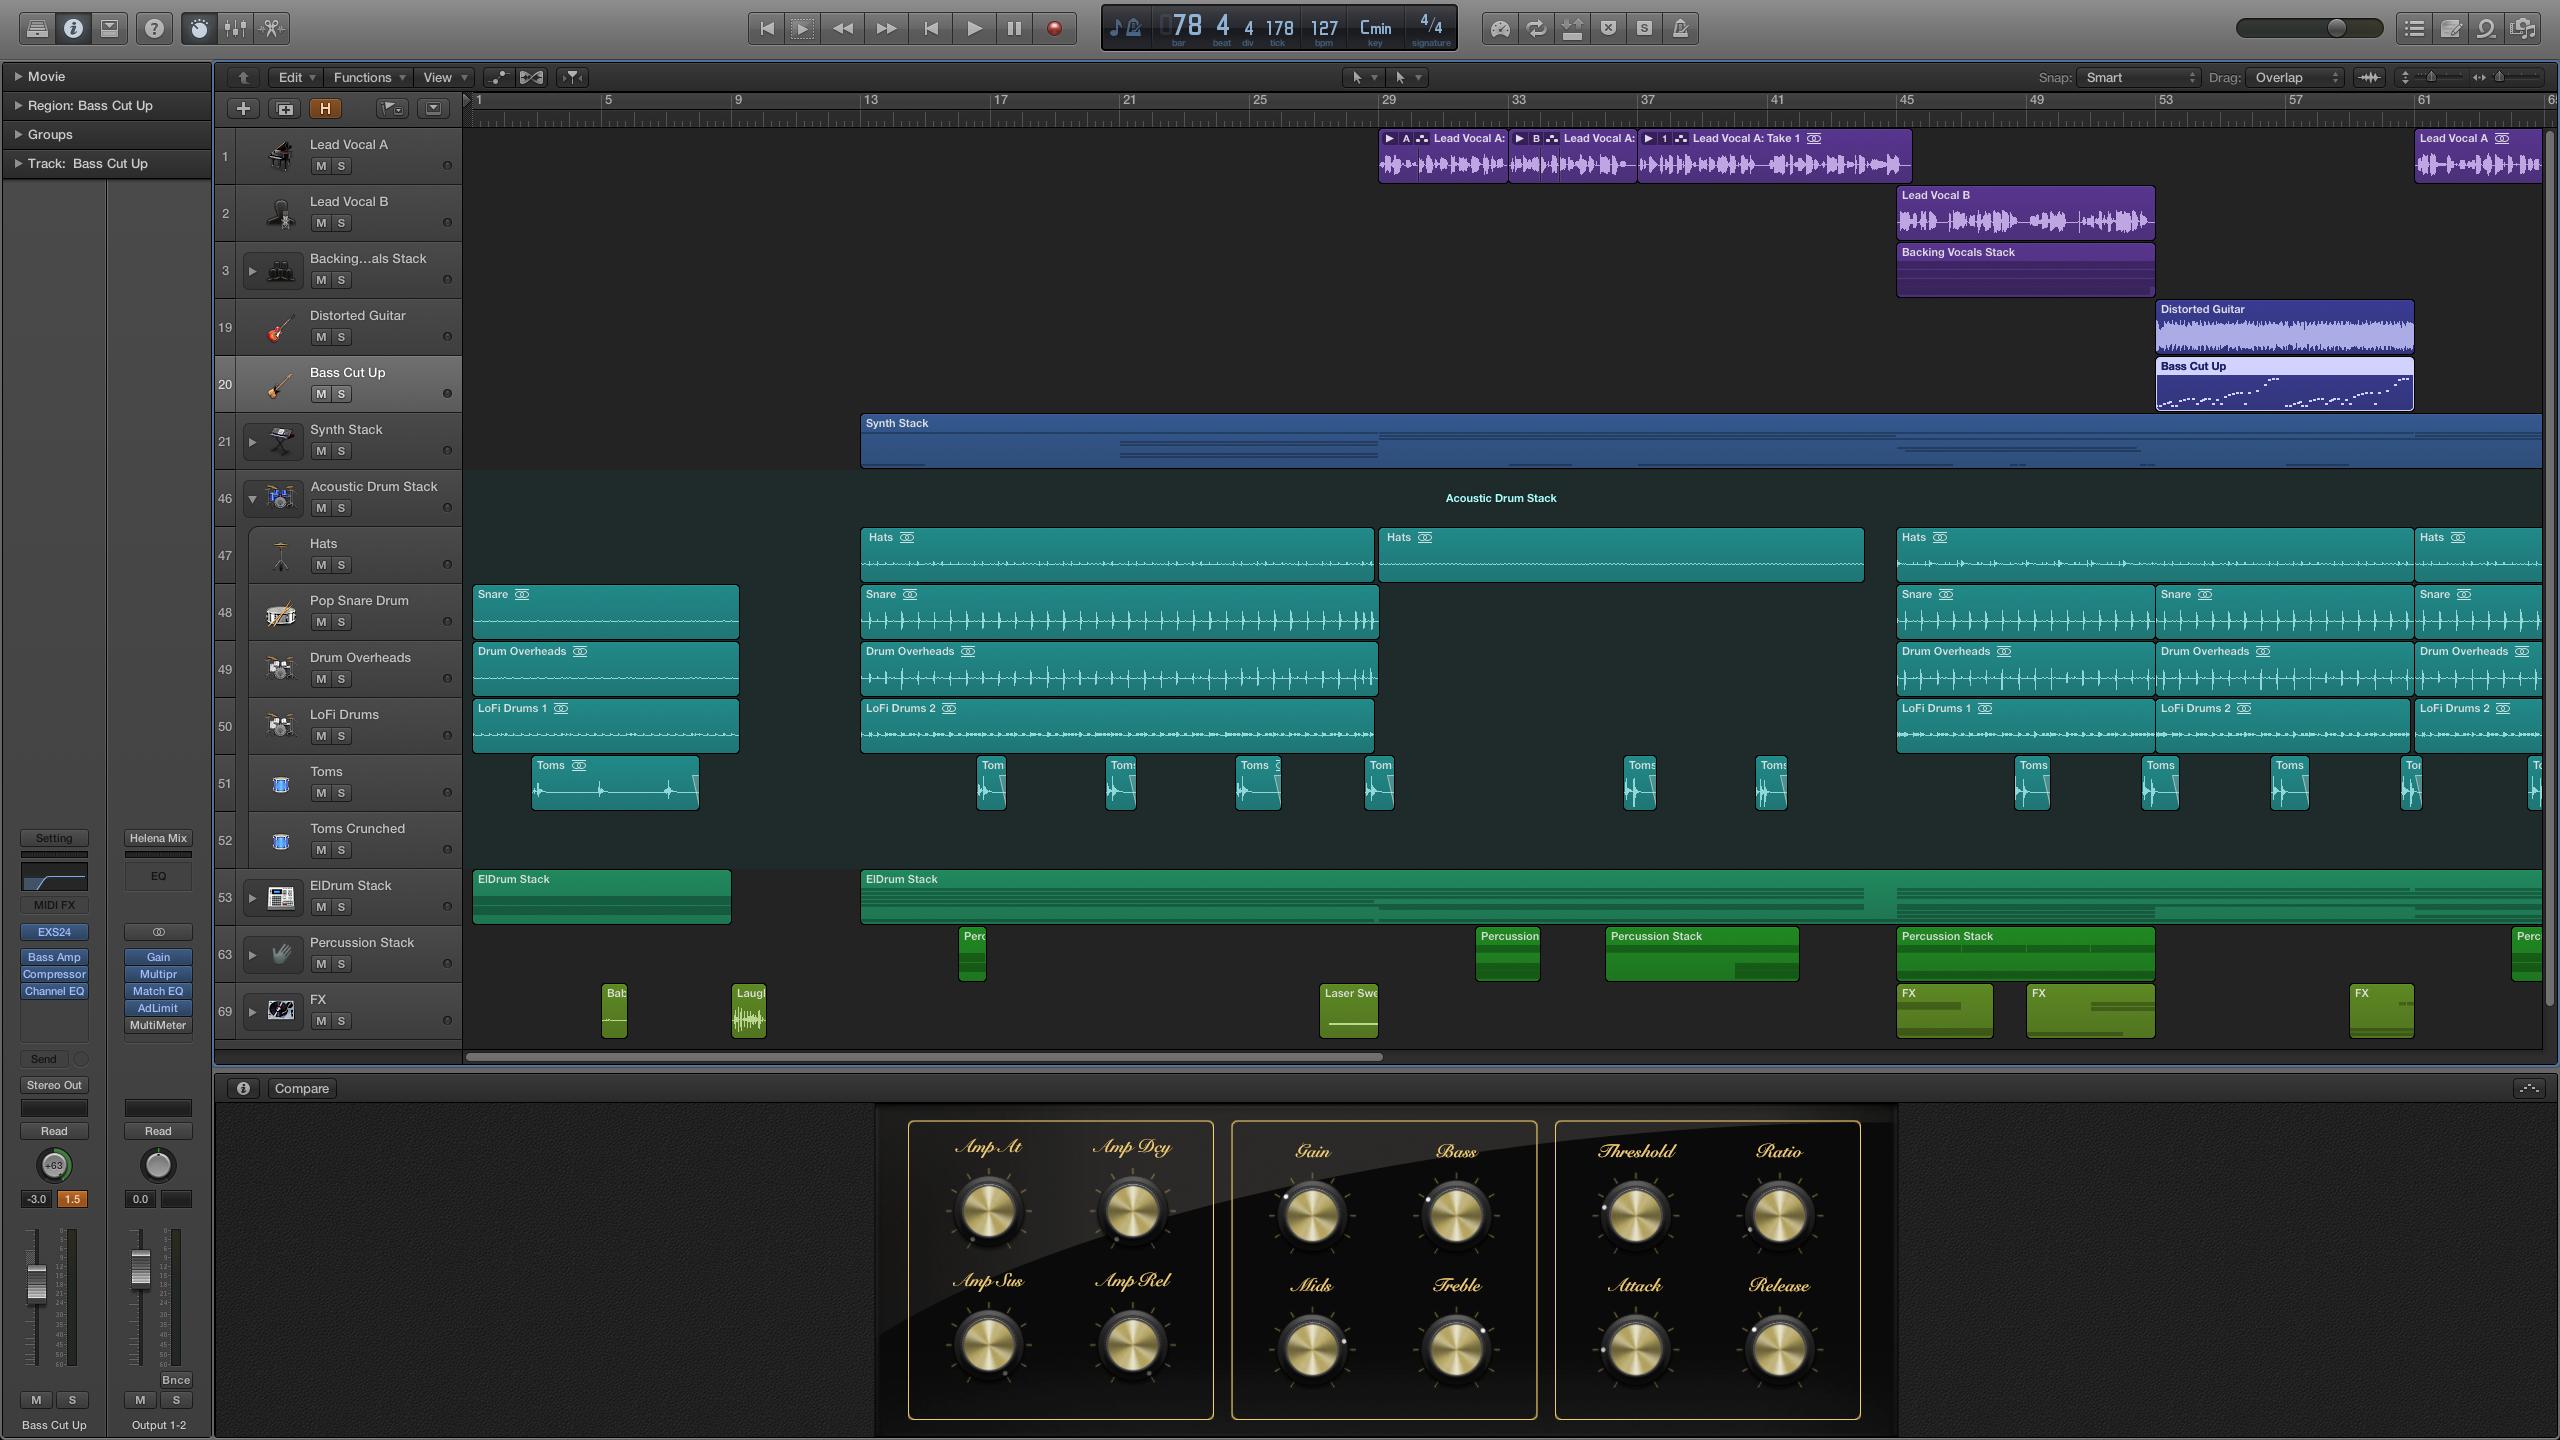 De interface van Logic Pro X. (klik voor groter)